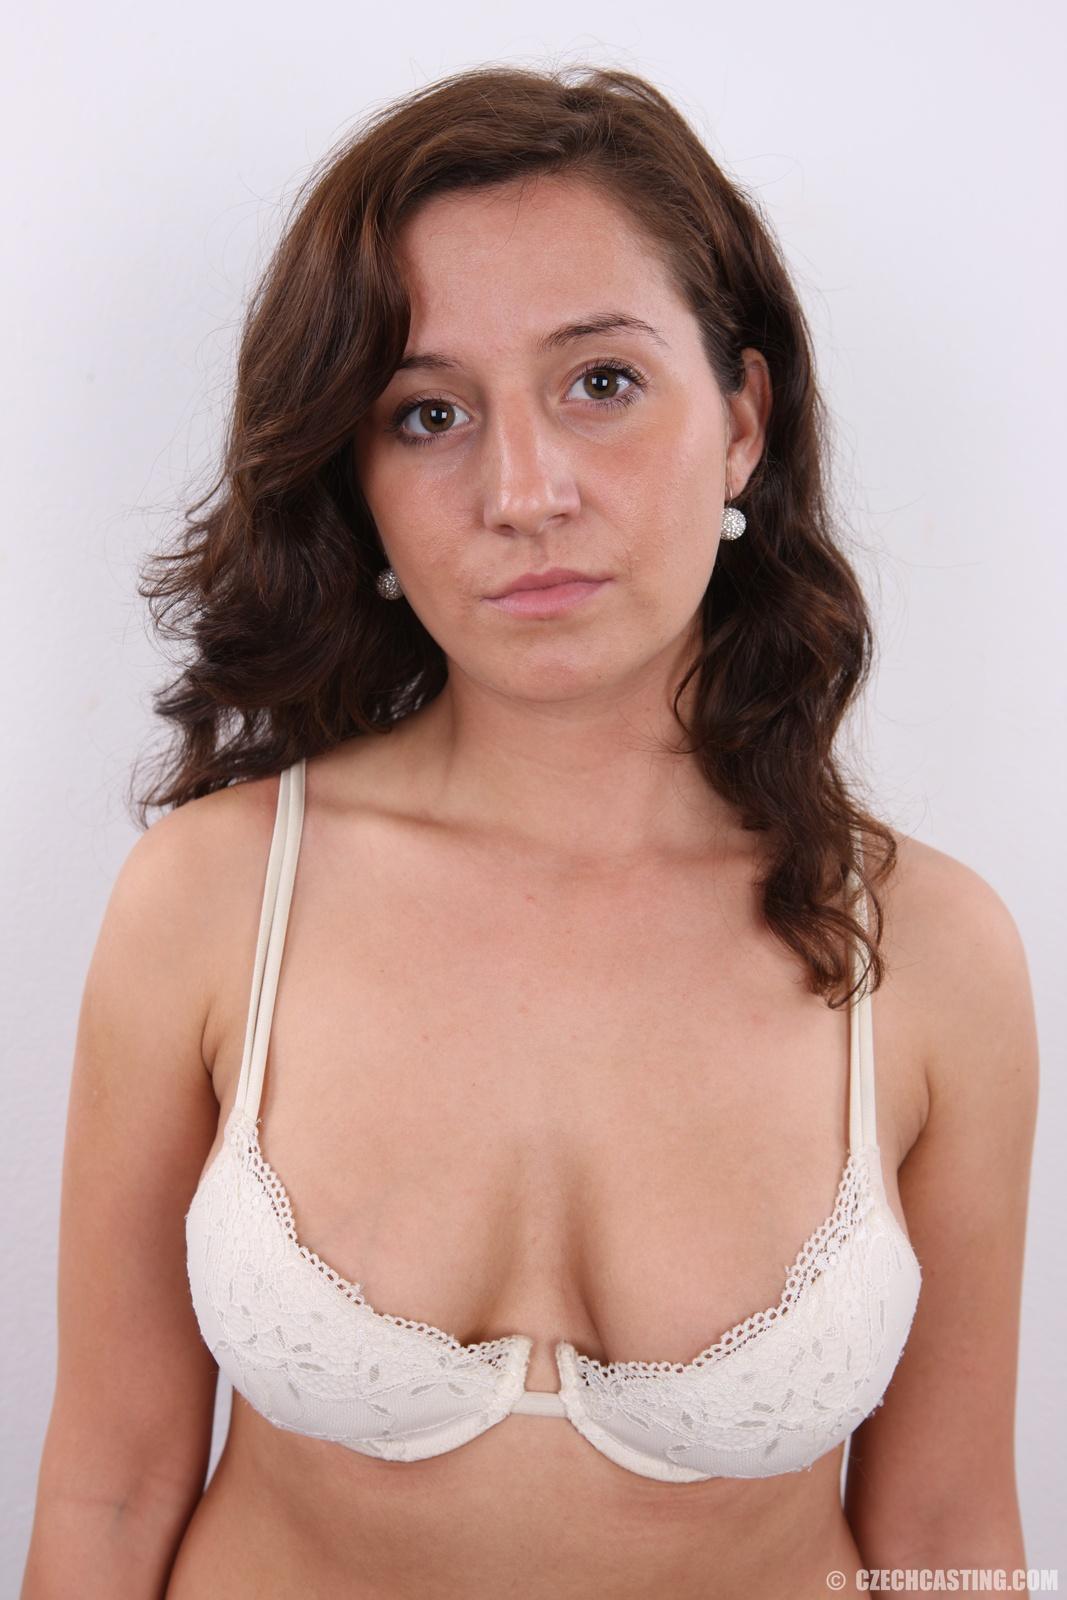 Czech-casting